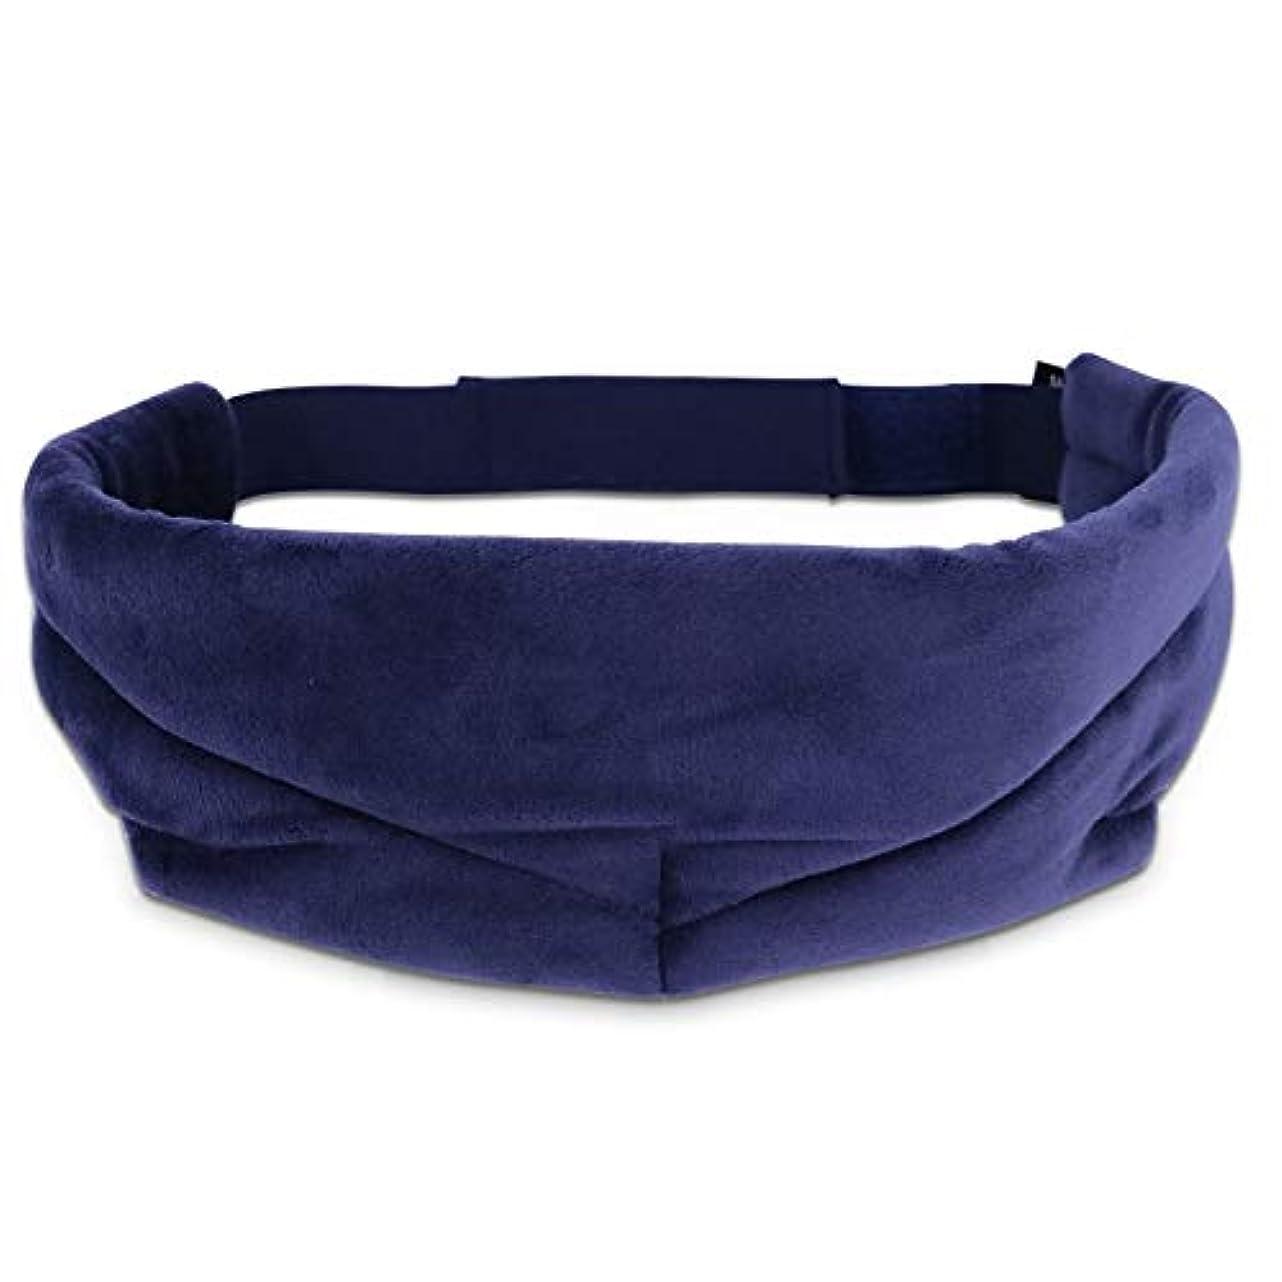 におい迷信遅らせるNOTE 調節可能なラベンダー旅行睡眠アイマスクアイシェード包帯用睡眠アイパッチ目隠しアイシェードシェーディングアイカバー3色